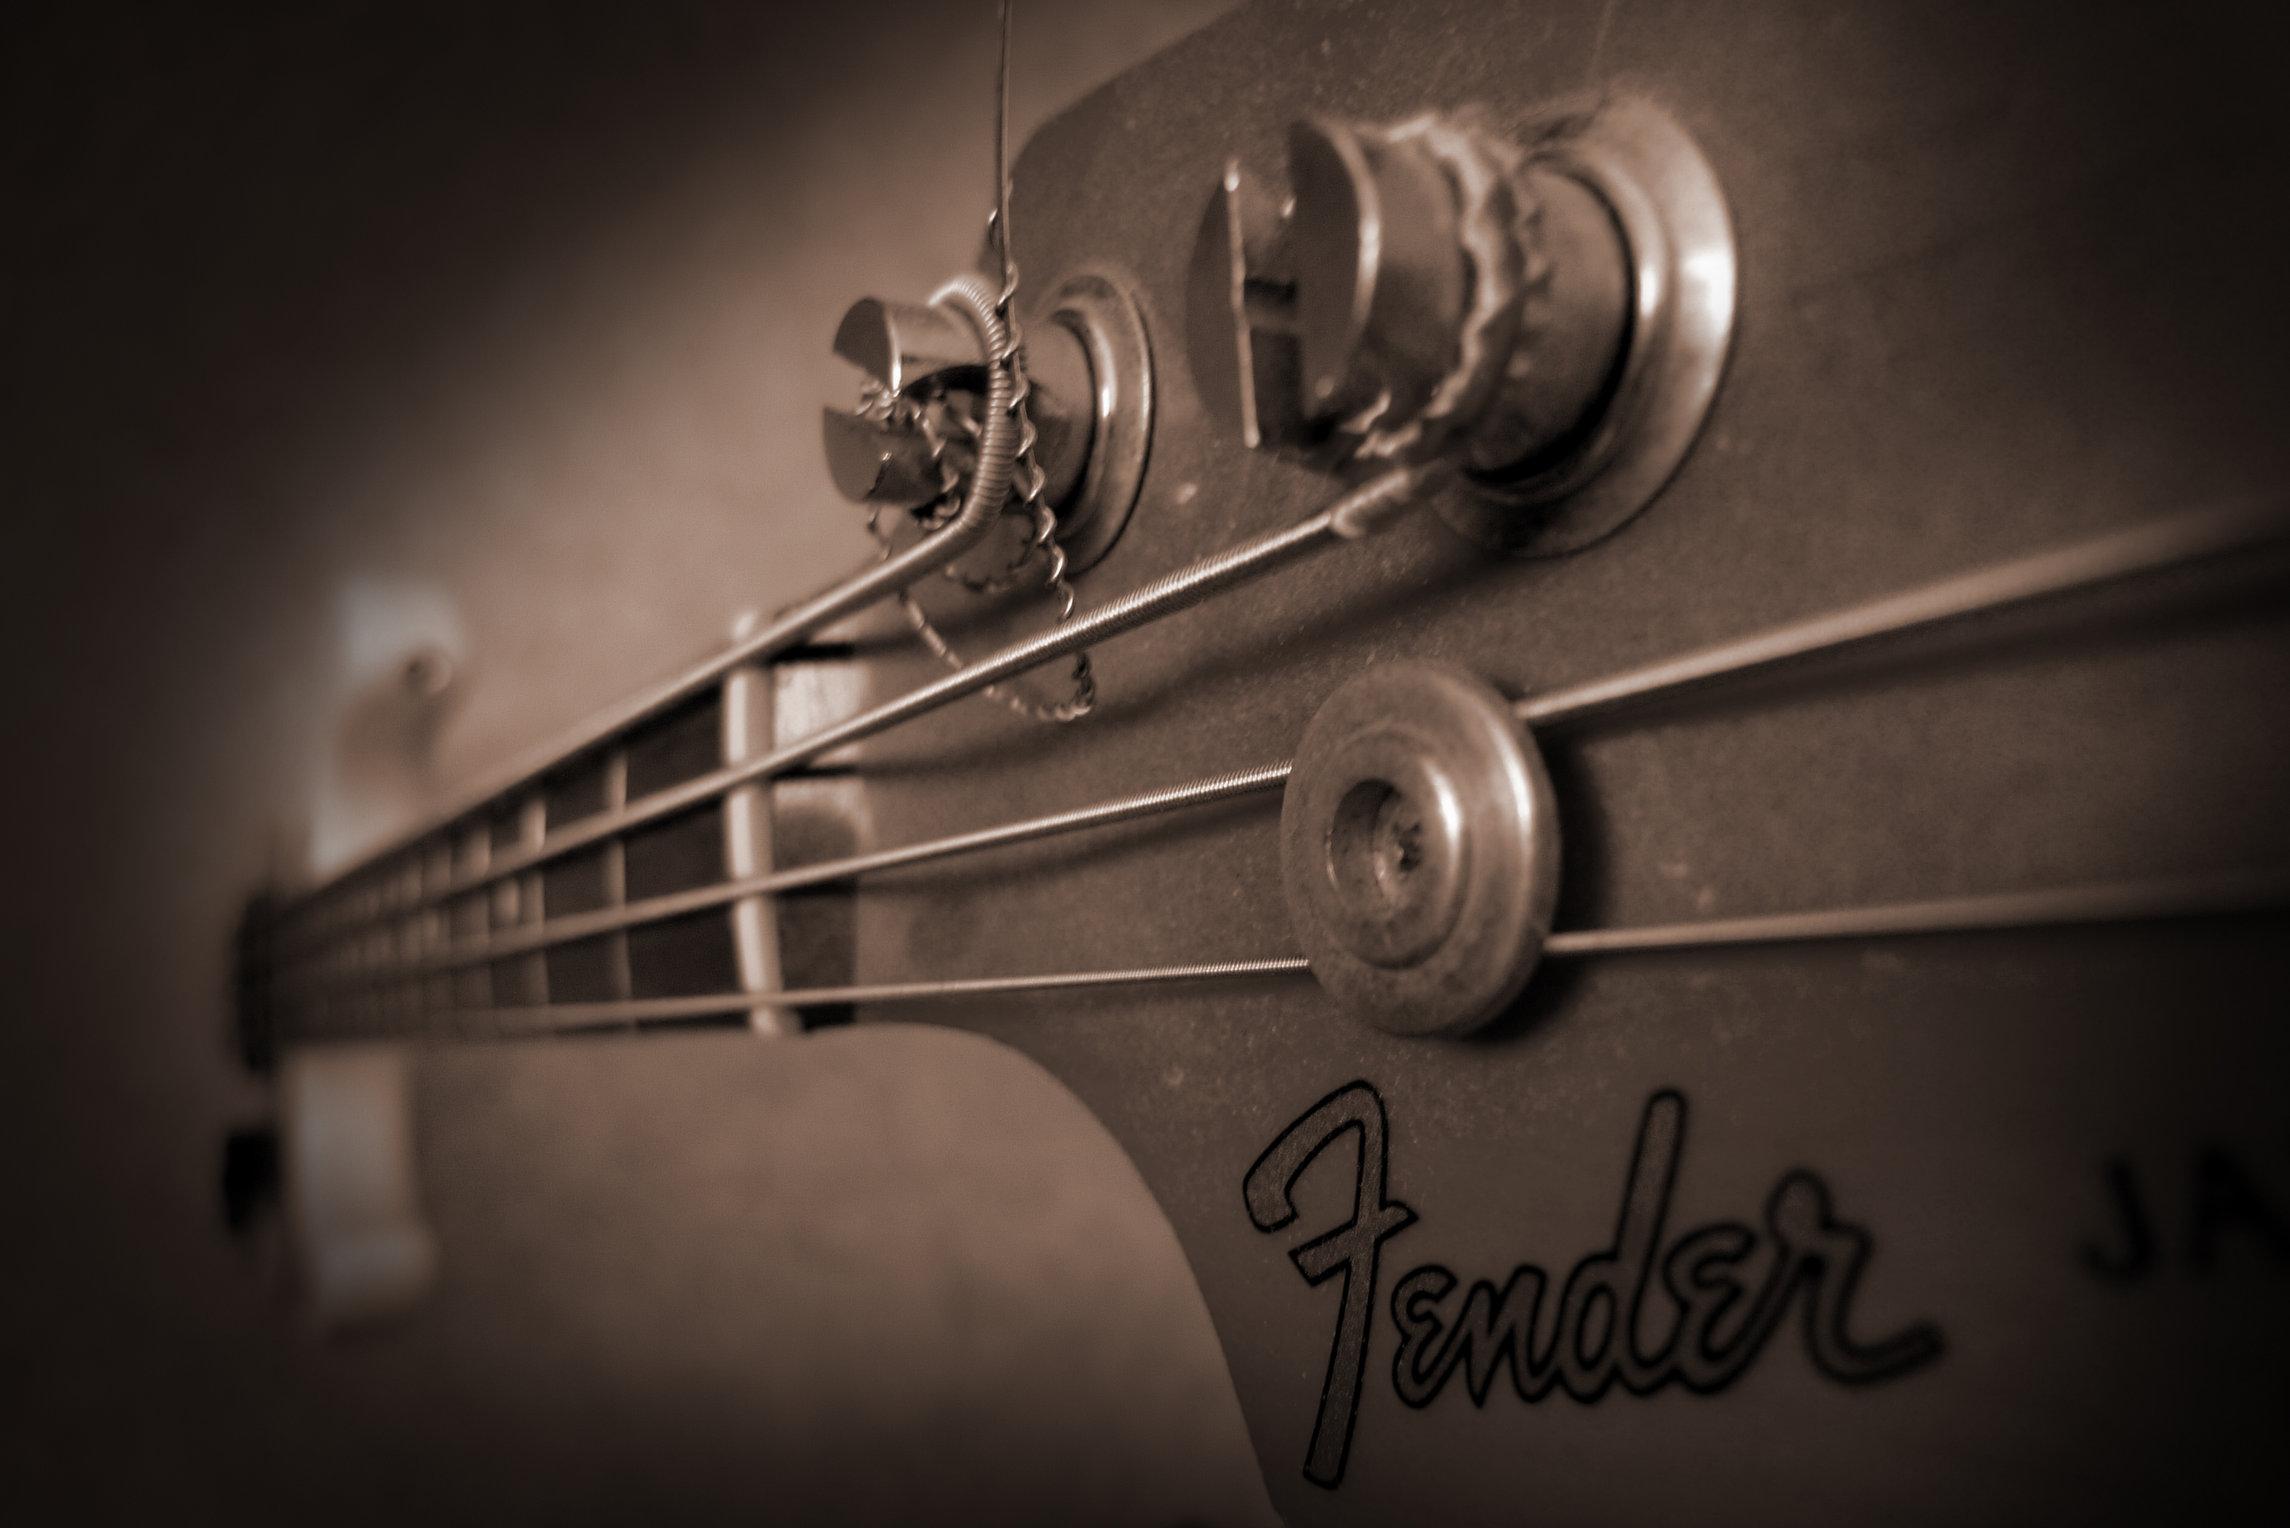 Histoire. Leo Fender débuta par la création d'un magasin spécialisé dans le dépannage de postes de radio et par la suite de la fabrication et le montage d'éléments de composants pour petits amplificateurs de faible puissance avant de se lancer plus tard dans la guitare proprement dite.